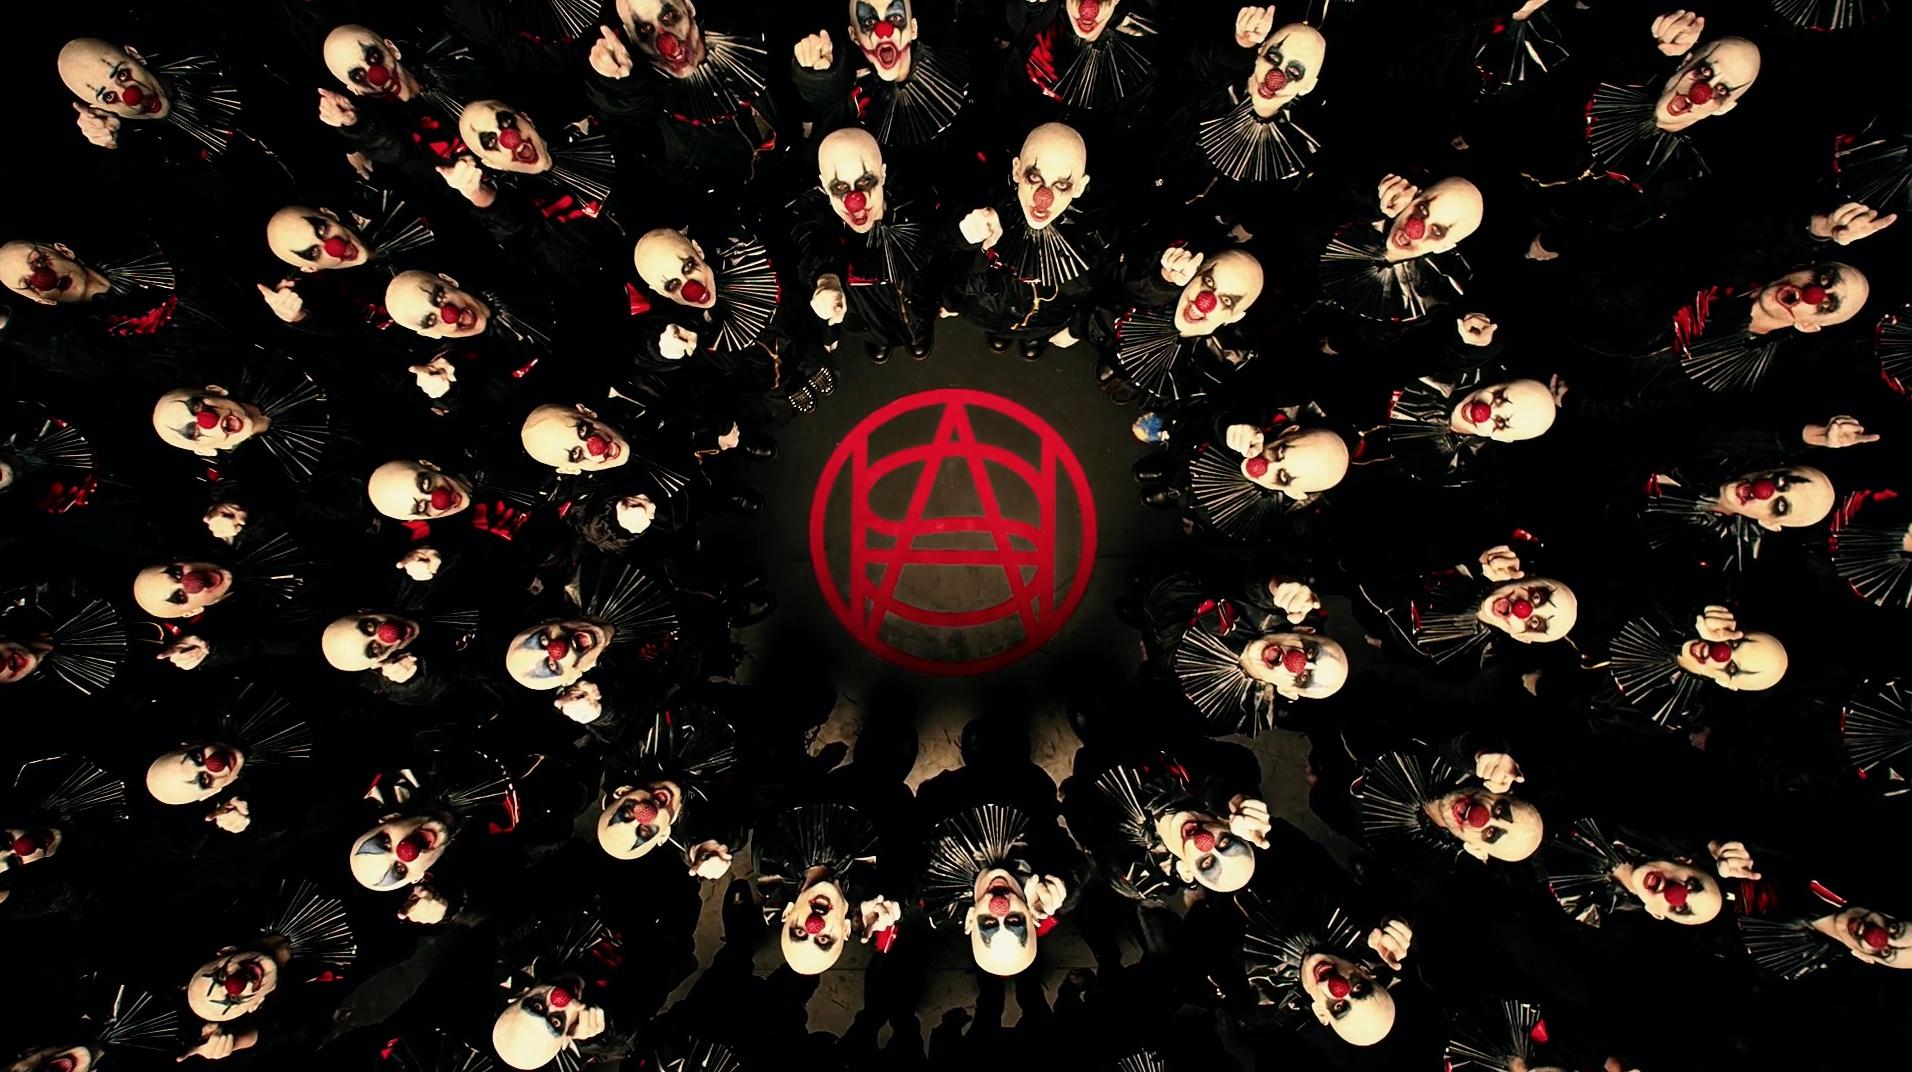 Thumbnail for AHS Cult